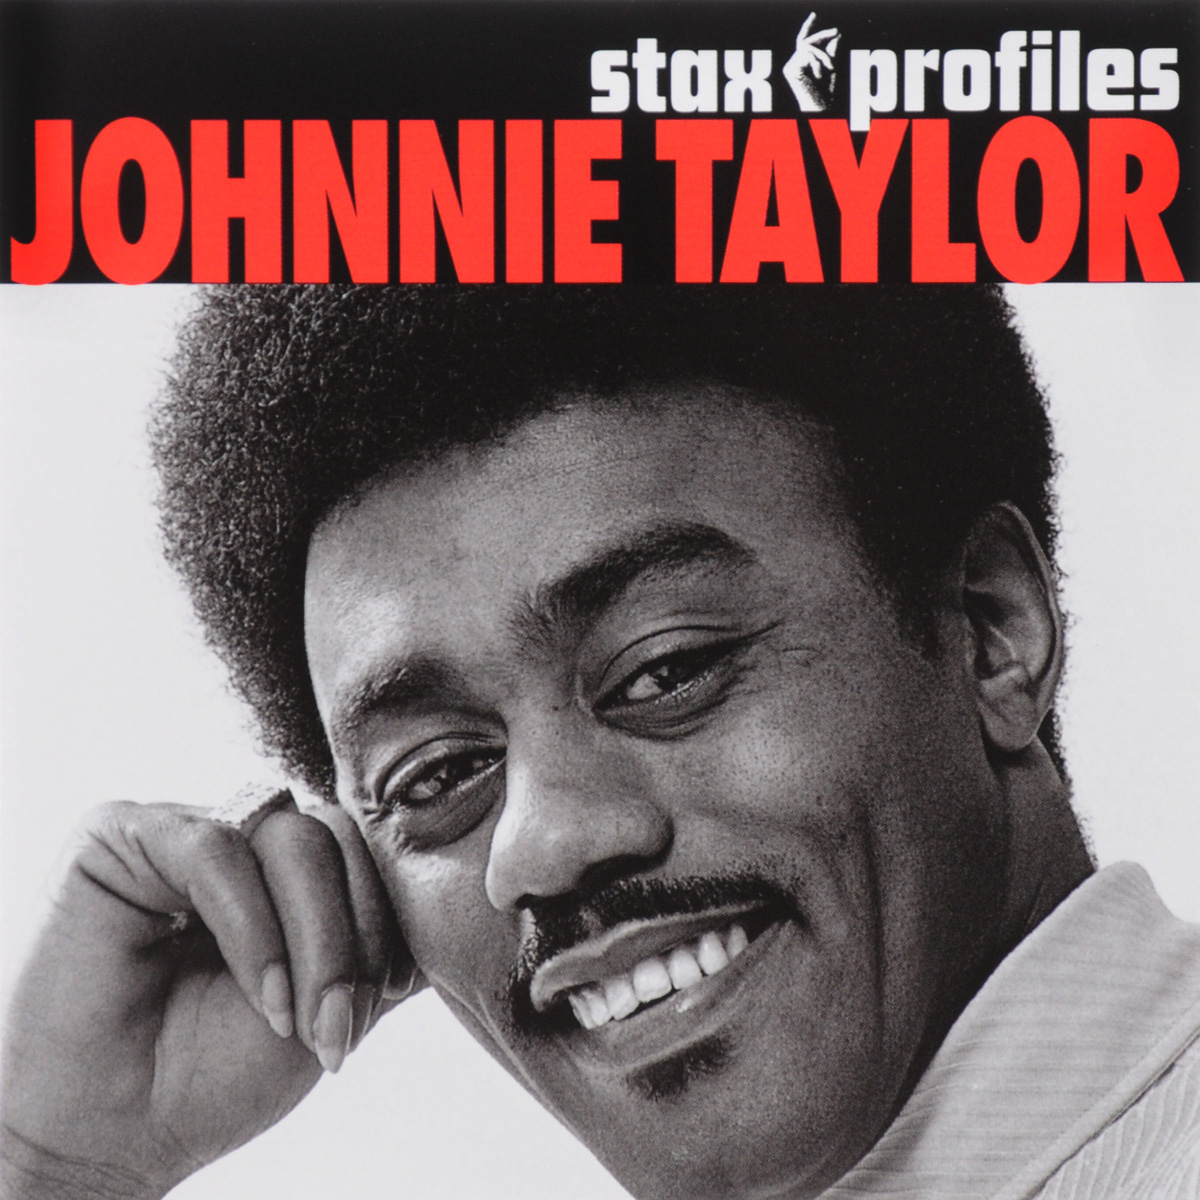 Джонни Тейлор - американский соулблюзовый певец, автор ряда соулблюзовых и диско-хитов.Его песни постоянно входили в первую ритмэндблюзовую десятку чартов, а самым большим успехом стала